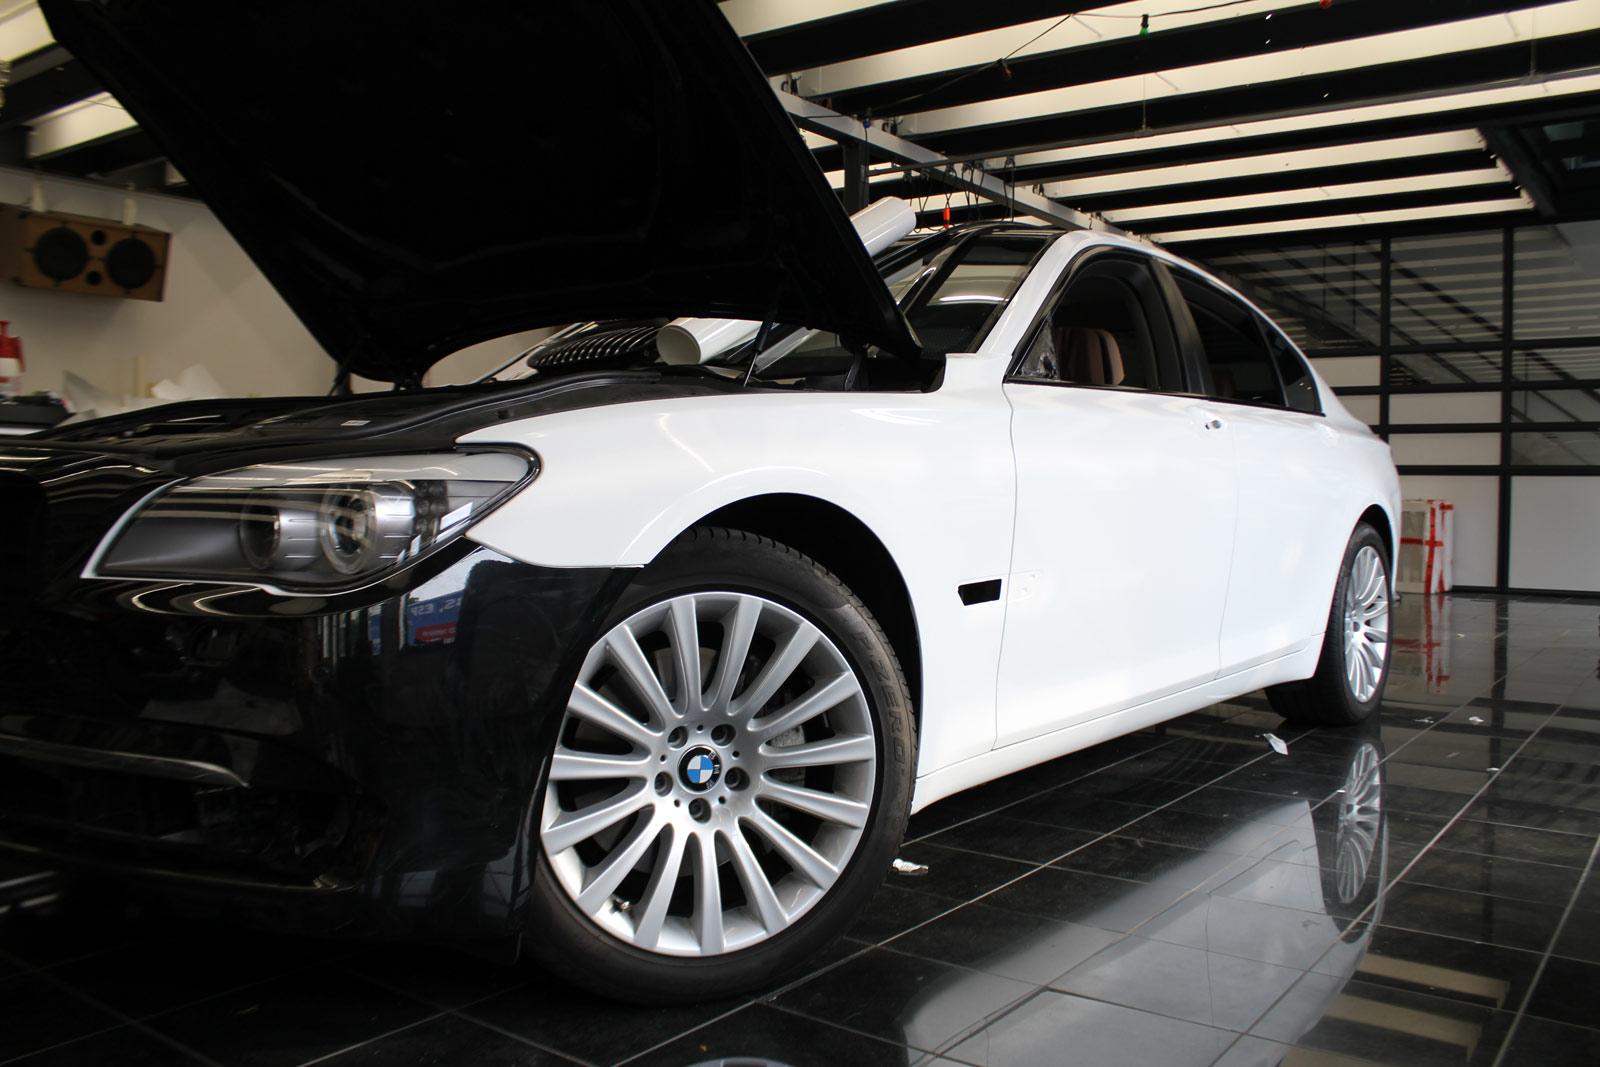 BMW_7er_Folierung_Weiss_Metallic_Schwarz_Glanz_12